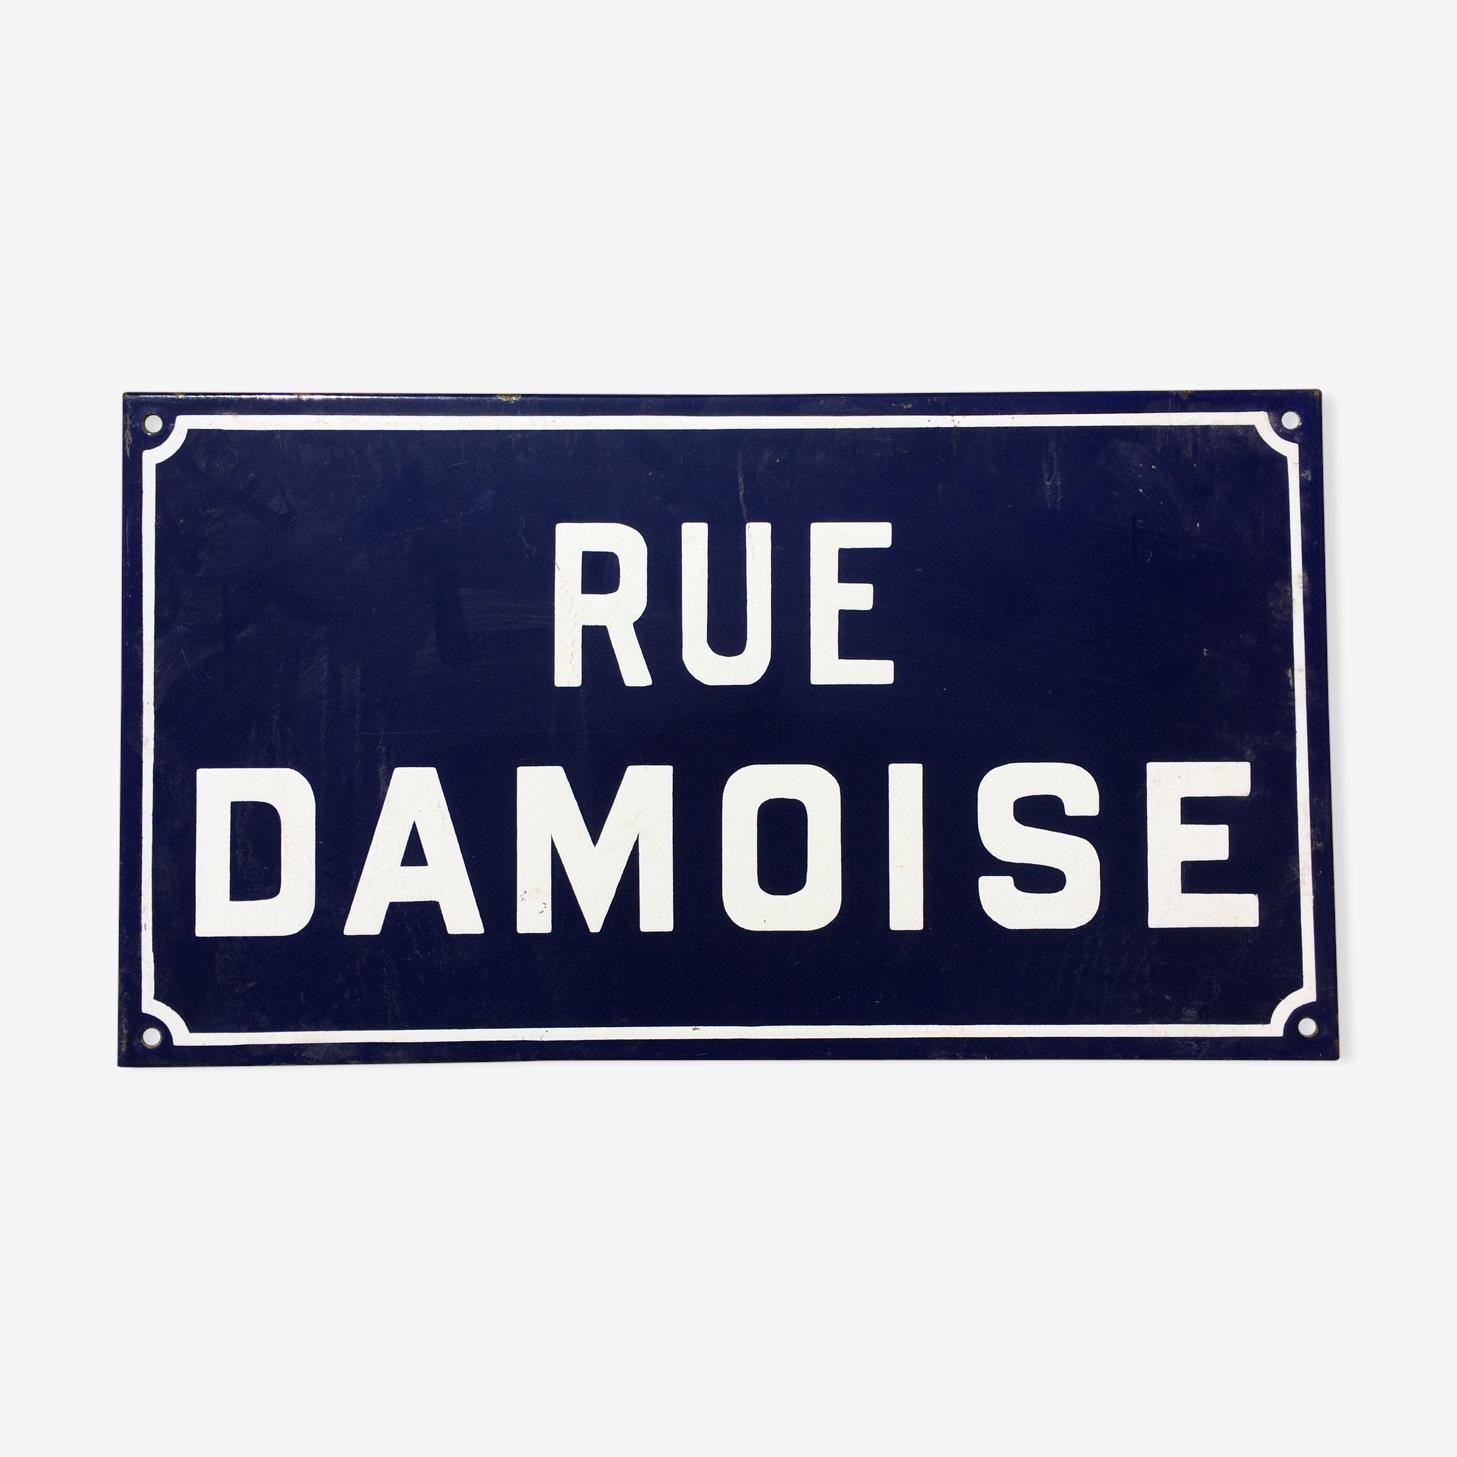 Plaque de rue damoise